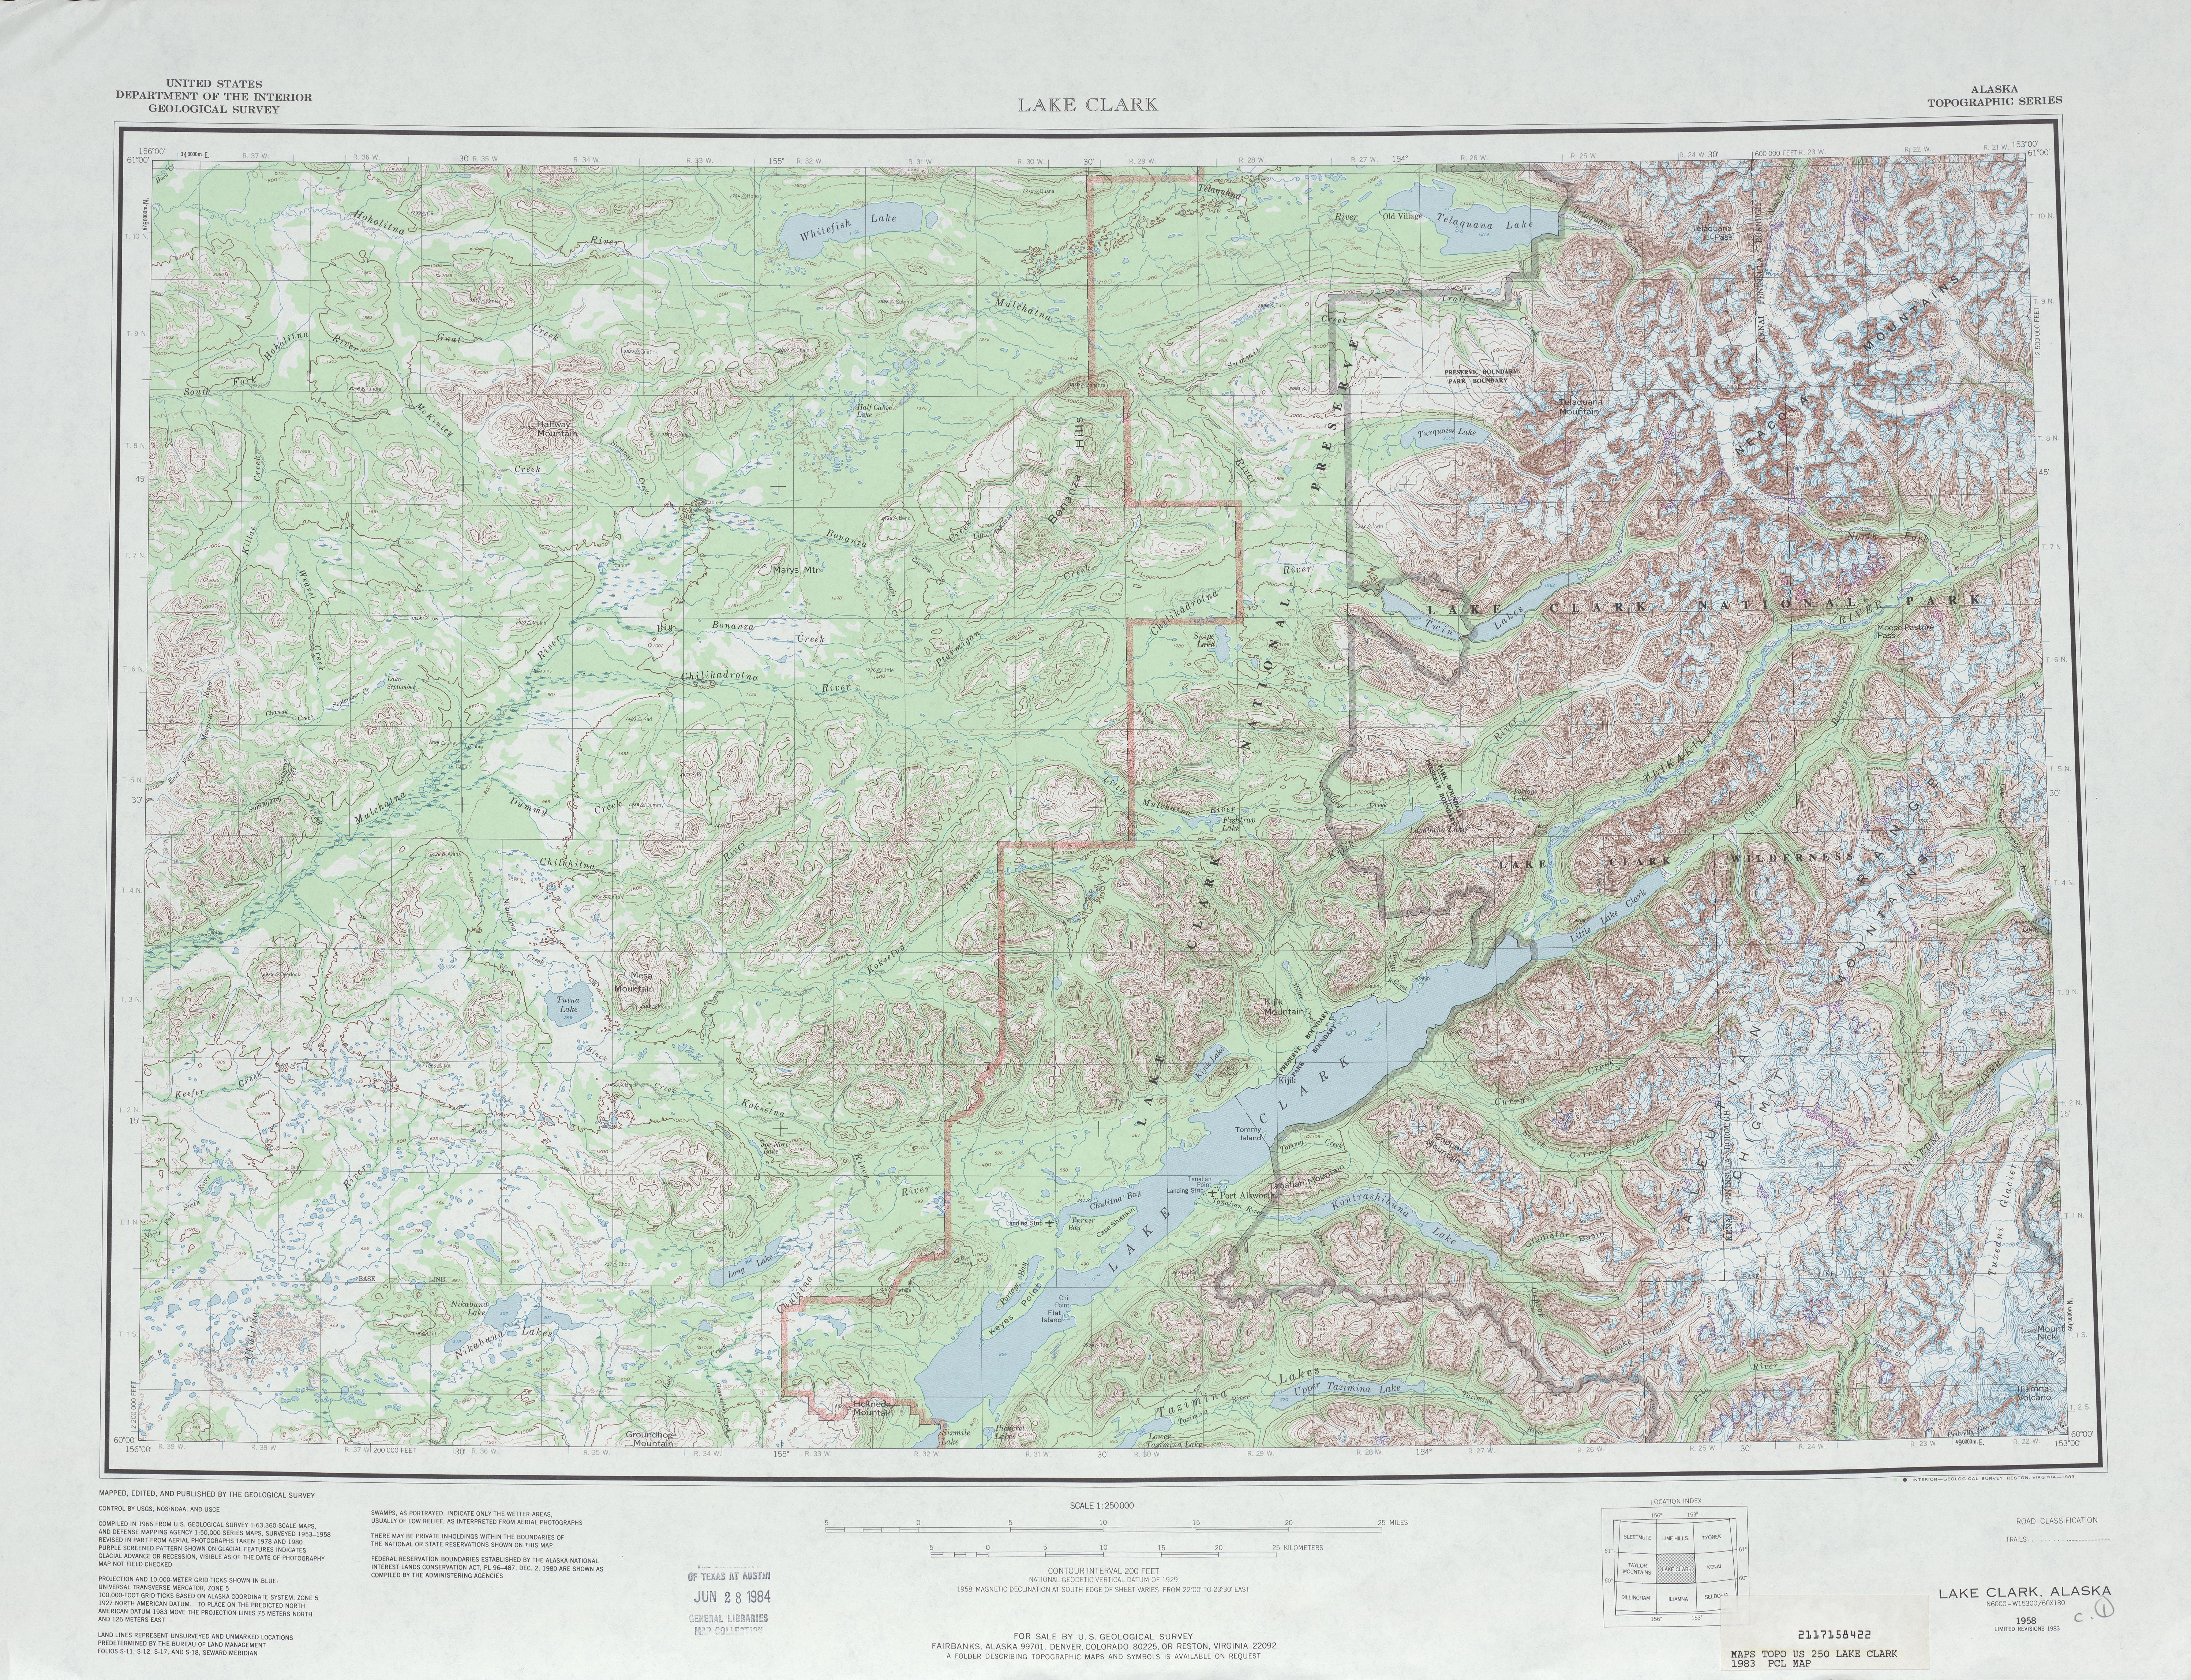 Hoja Lake Clark del Mapa Topográfico de los Estados Unidos 1983